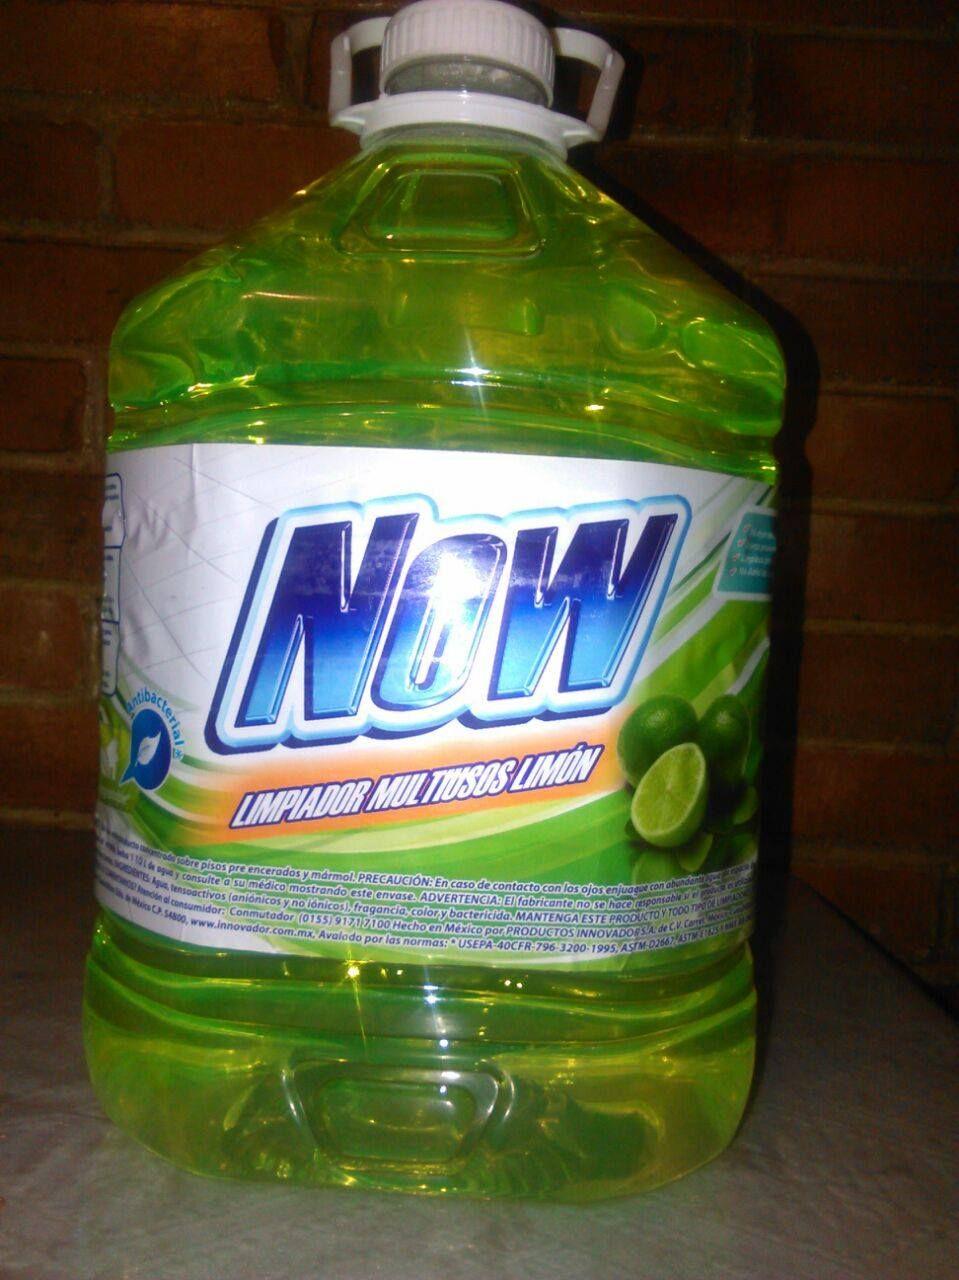 Limpiador multiusos lim n marca now de 5l productos de limpieza limpiador limpiador - Limpia cristales casero ...